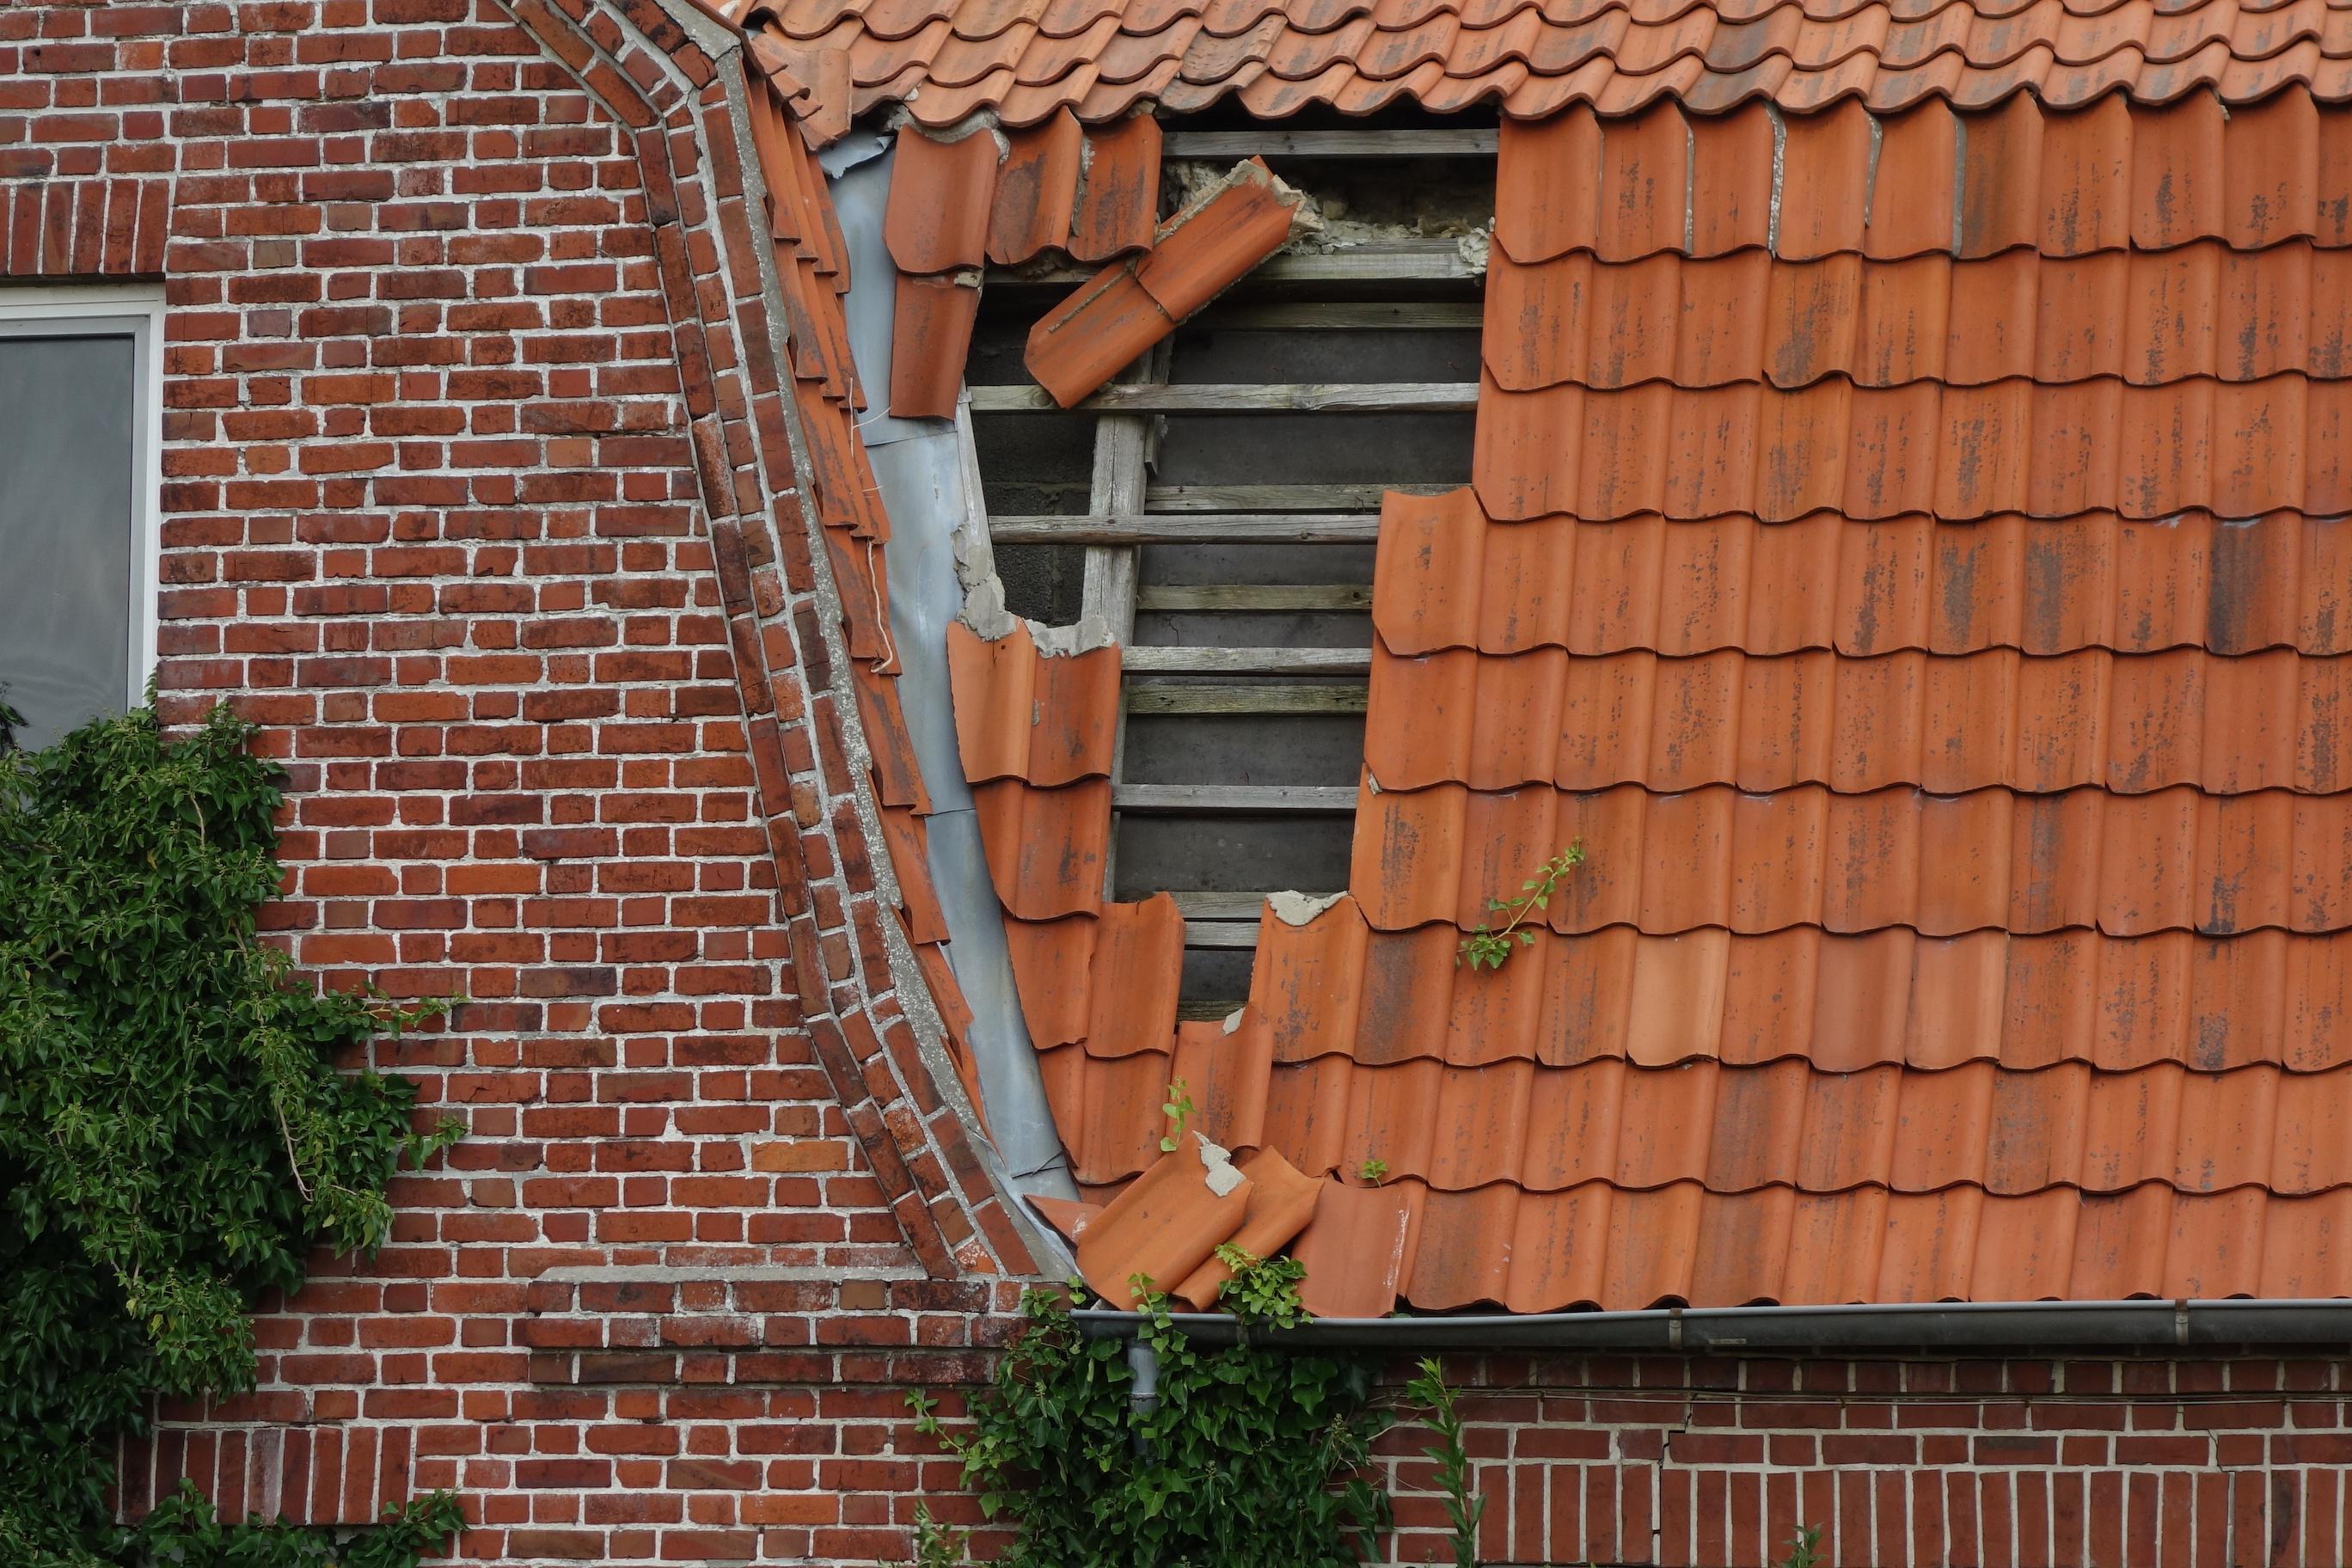 MT Lebanon tile roof repair service